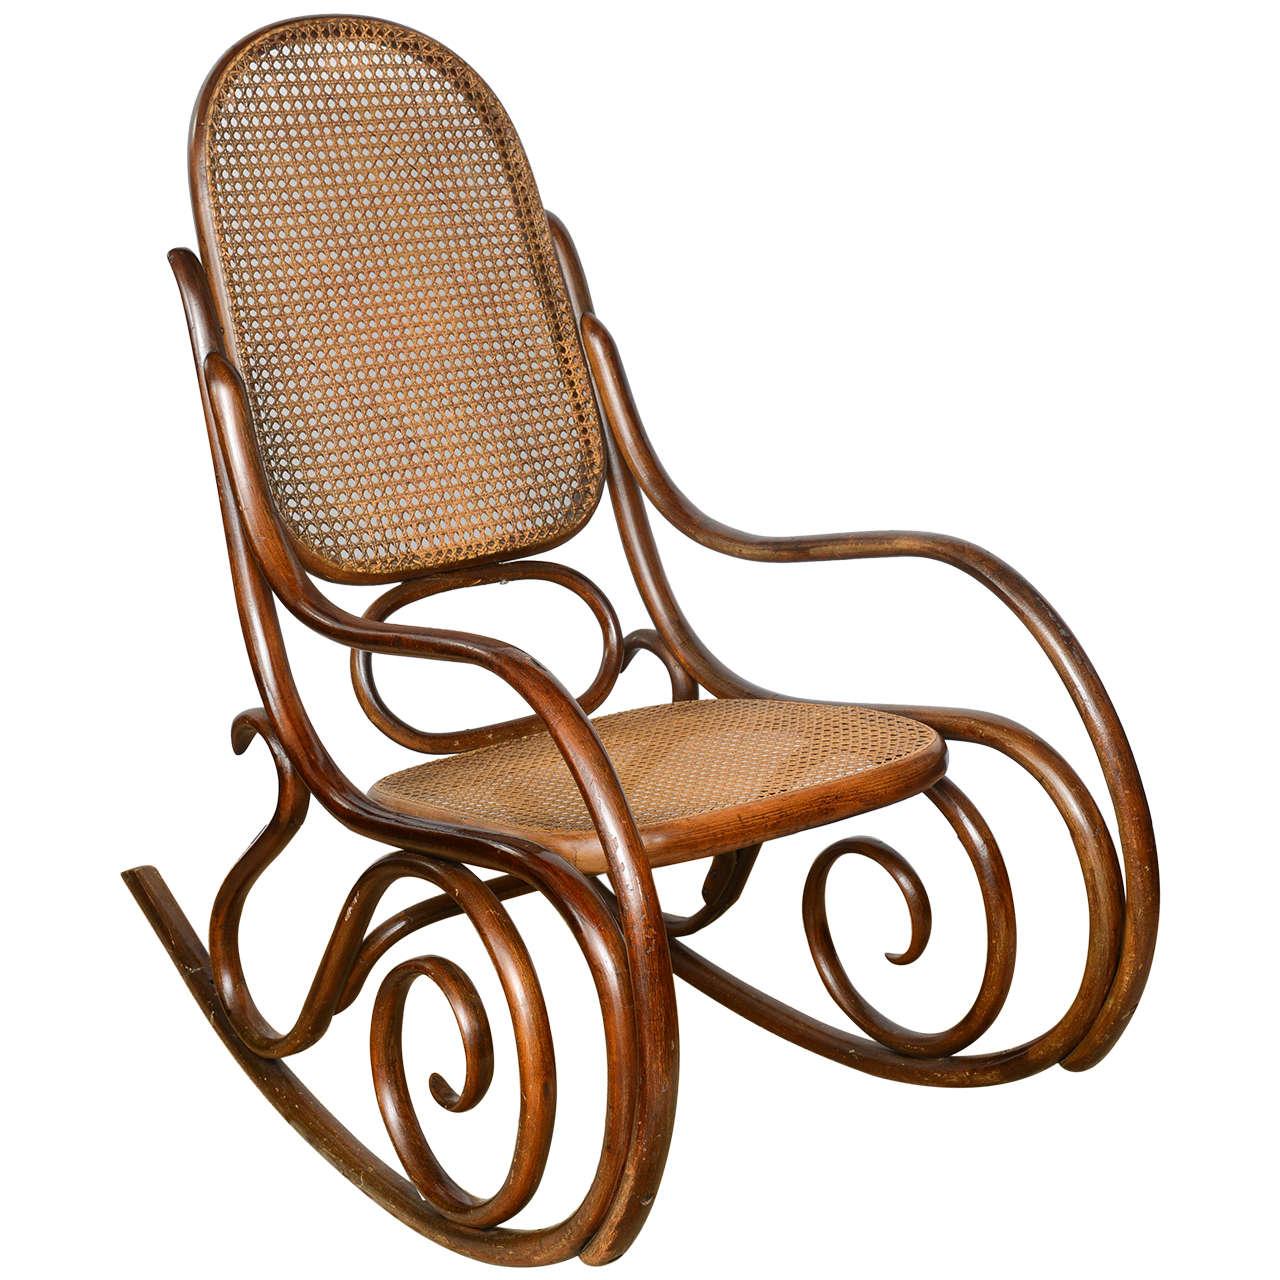 vintage thonet bentwood rocking chair at 1stdibs. Black Bedroom Furniture Sets. Home Design Ideas